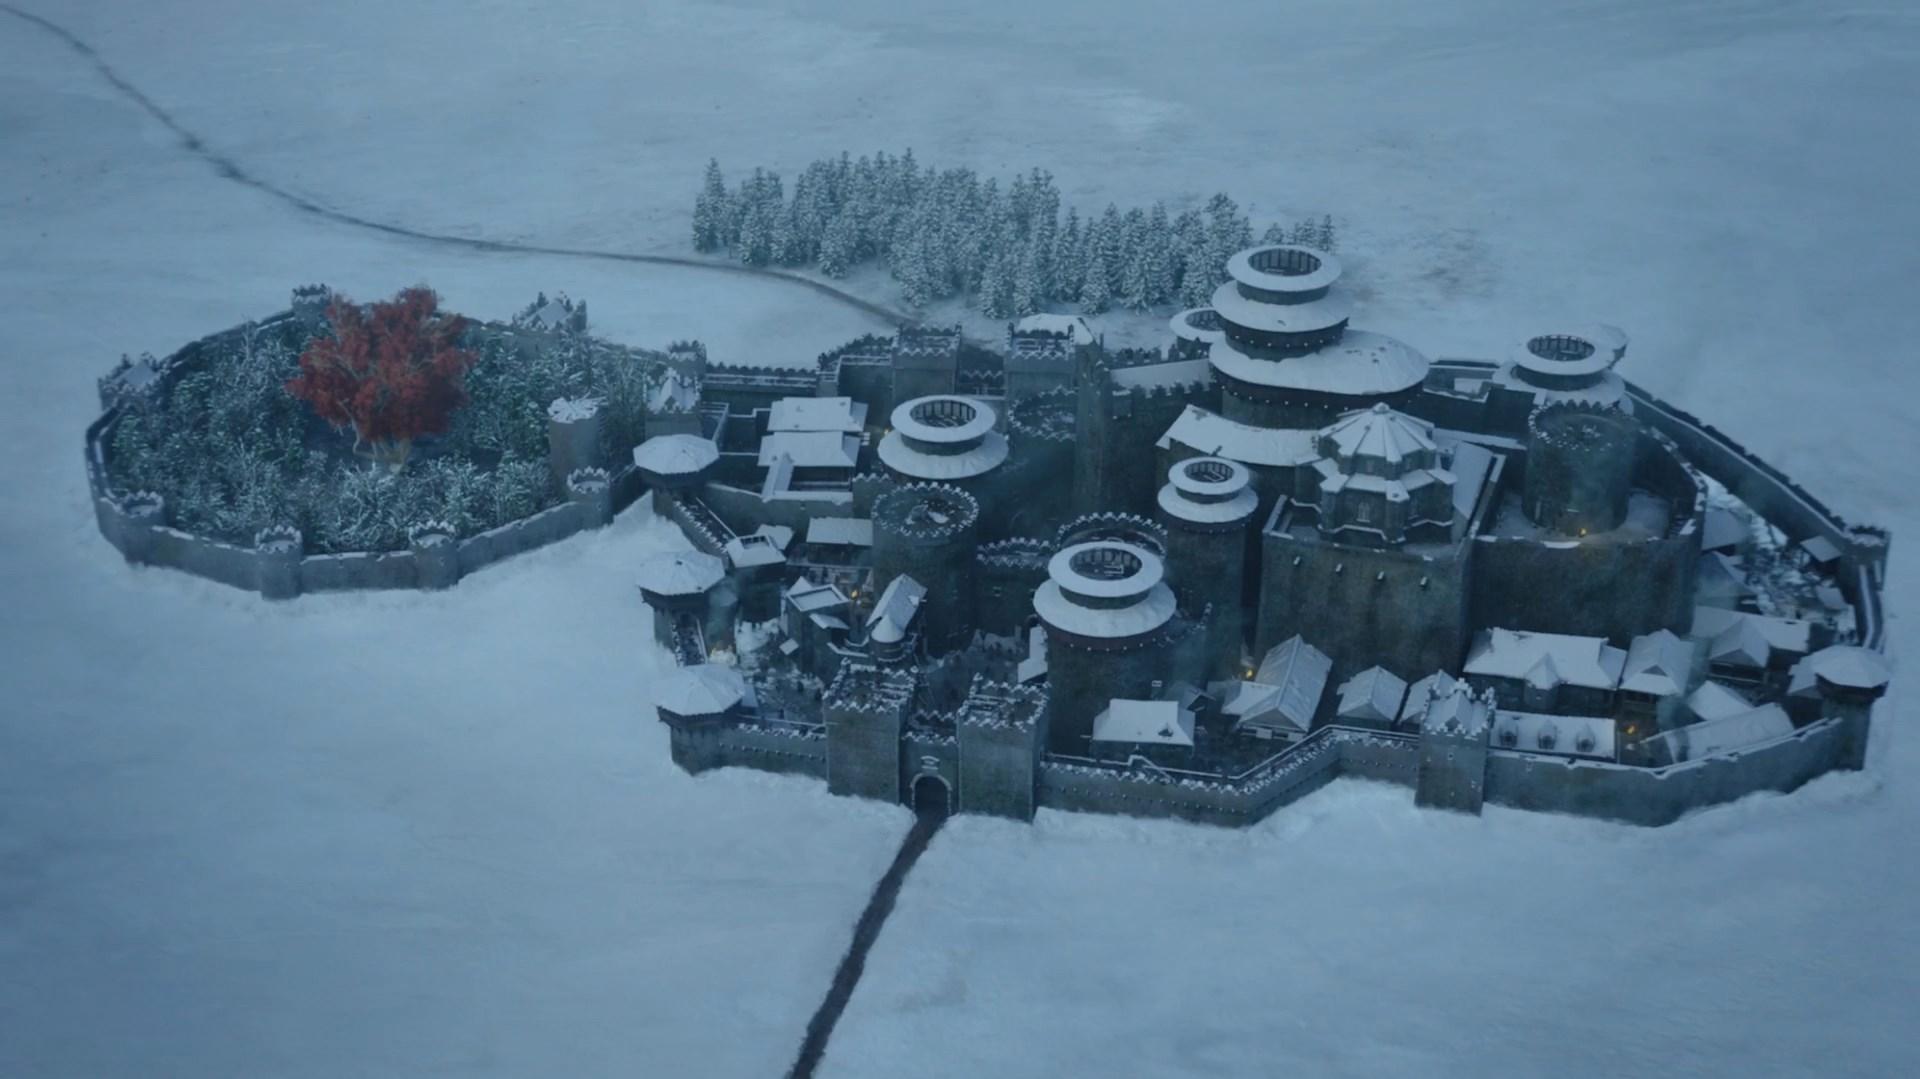 Замок Винтерфелл и Стена были построены Бранданом Старком, жившим в Век Героев